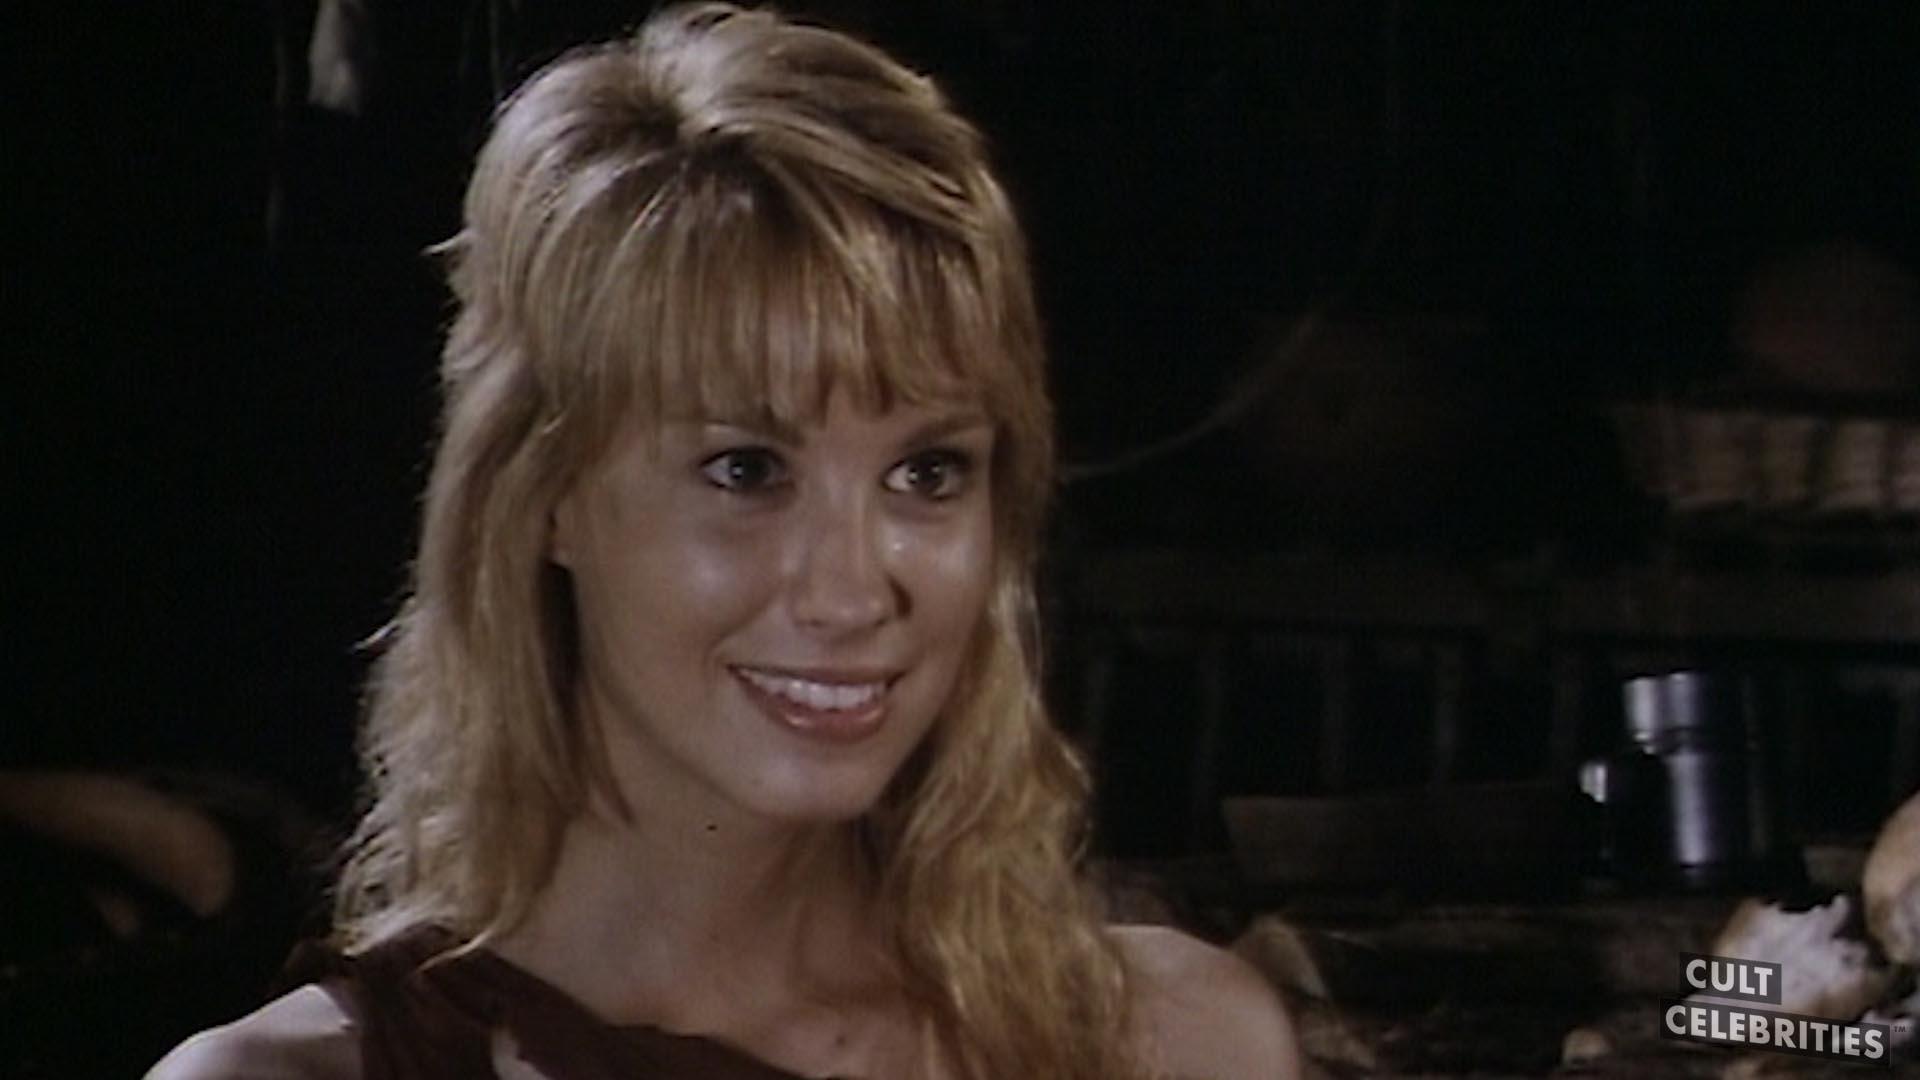 Monique Gabrielle in Deathstalker 2